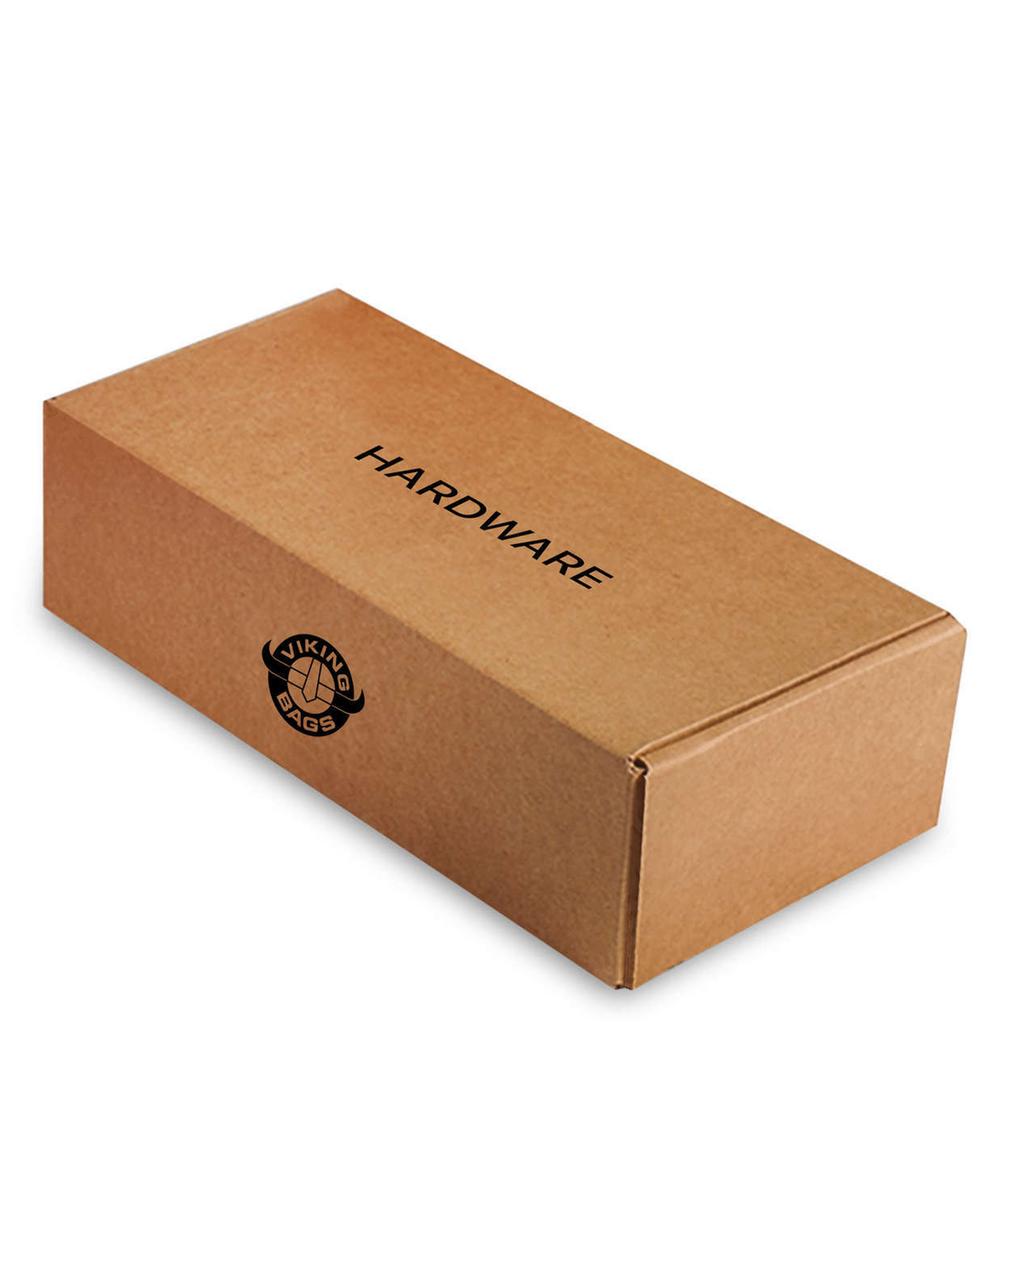 Triumph Thunderbird Warrior Slanted Large Leather Motorcycle Saddlebags Hardware Box